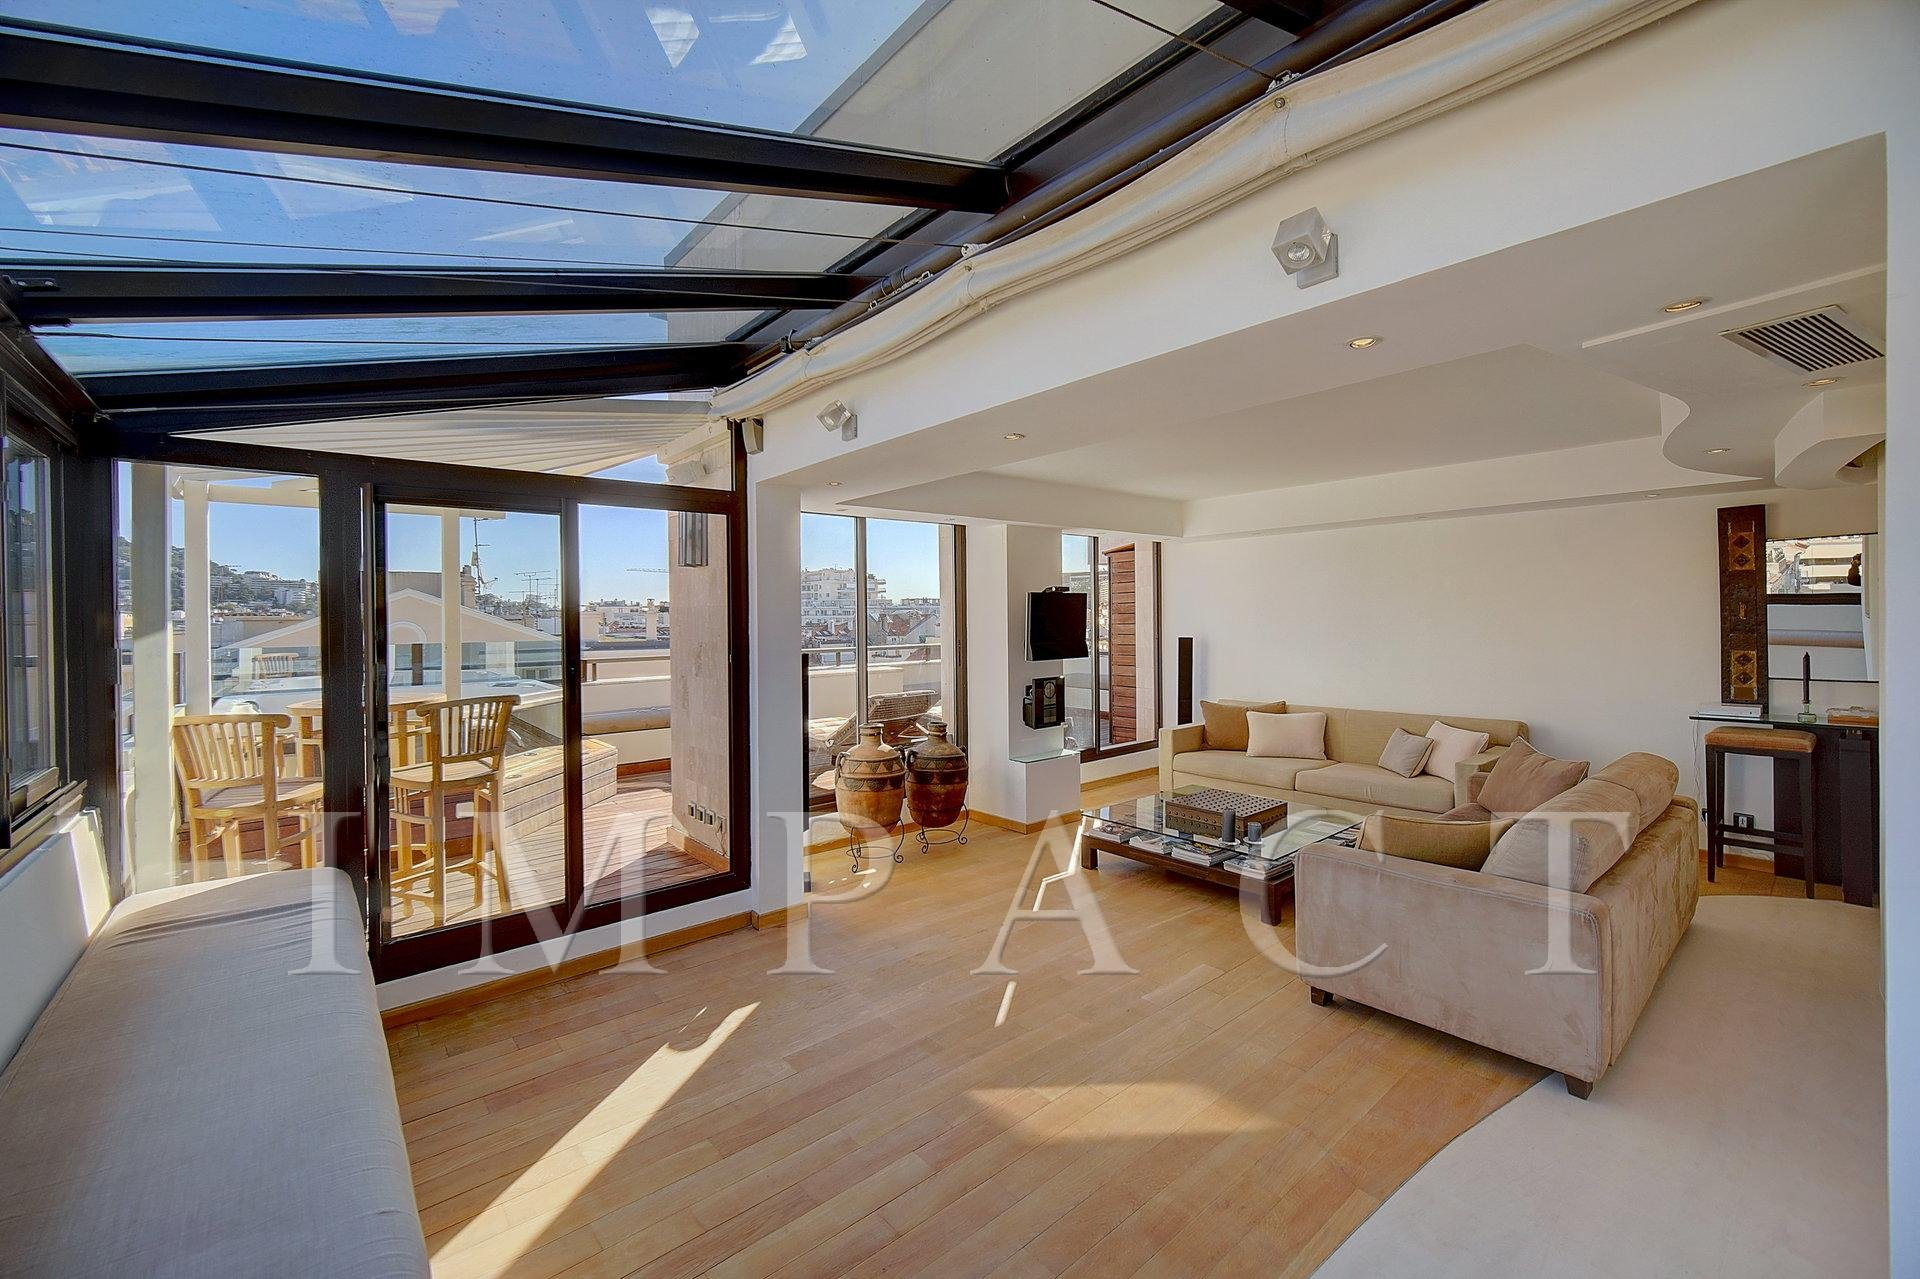 Location saisonnière - Splendide penthouse de 80m2 - Cannes